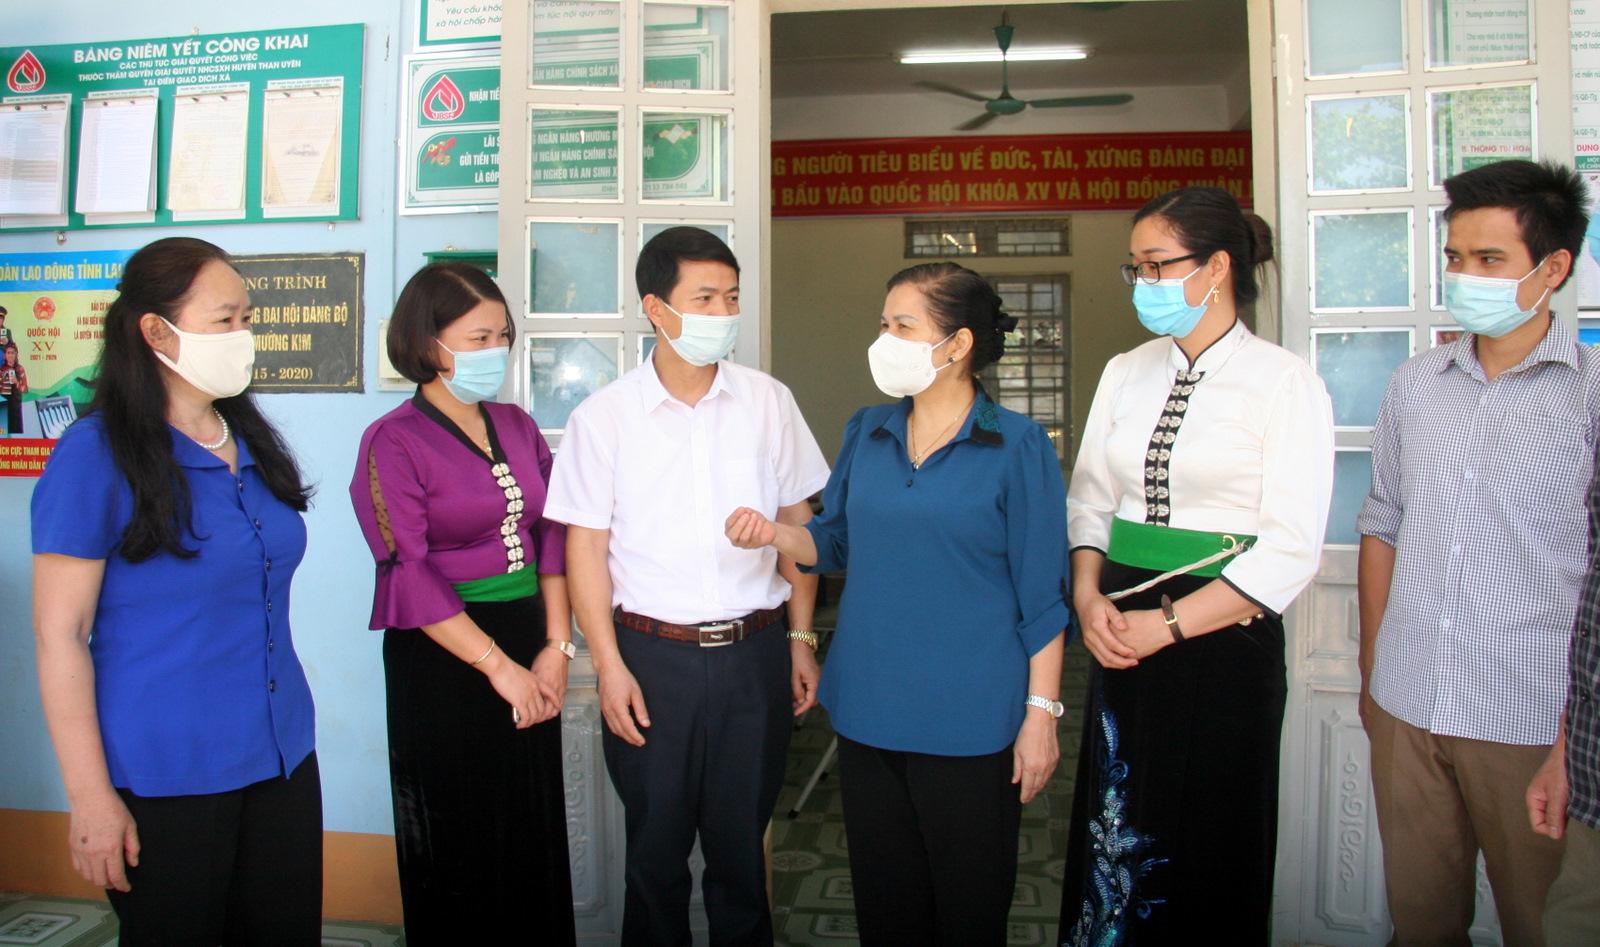 Lai Châu: Hội nghị tiếp xúc cử tri thị trấn Than Uyên và xã Mường Kim